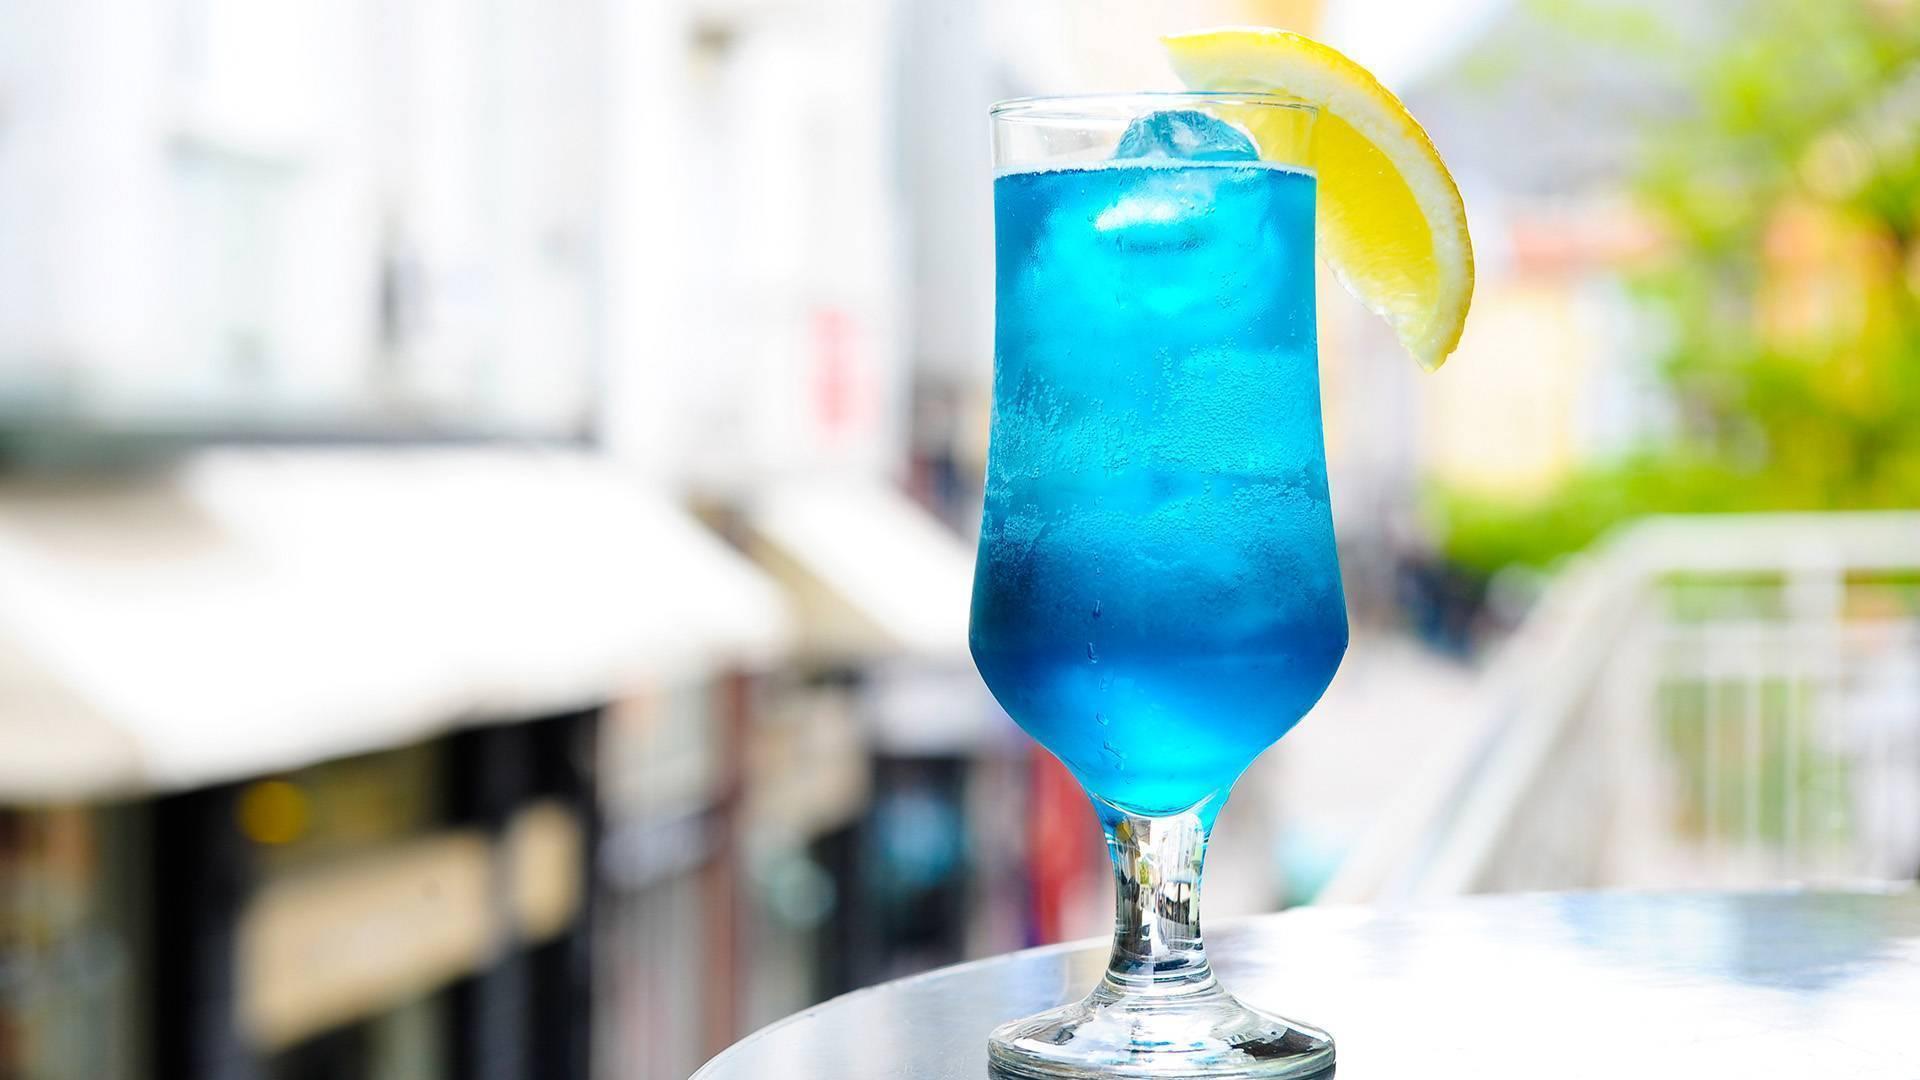 Как приготовить коктейль голубая лагуна по пошаговому рецепту - кушаем вкусно